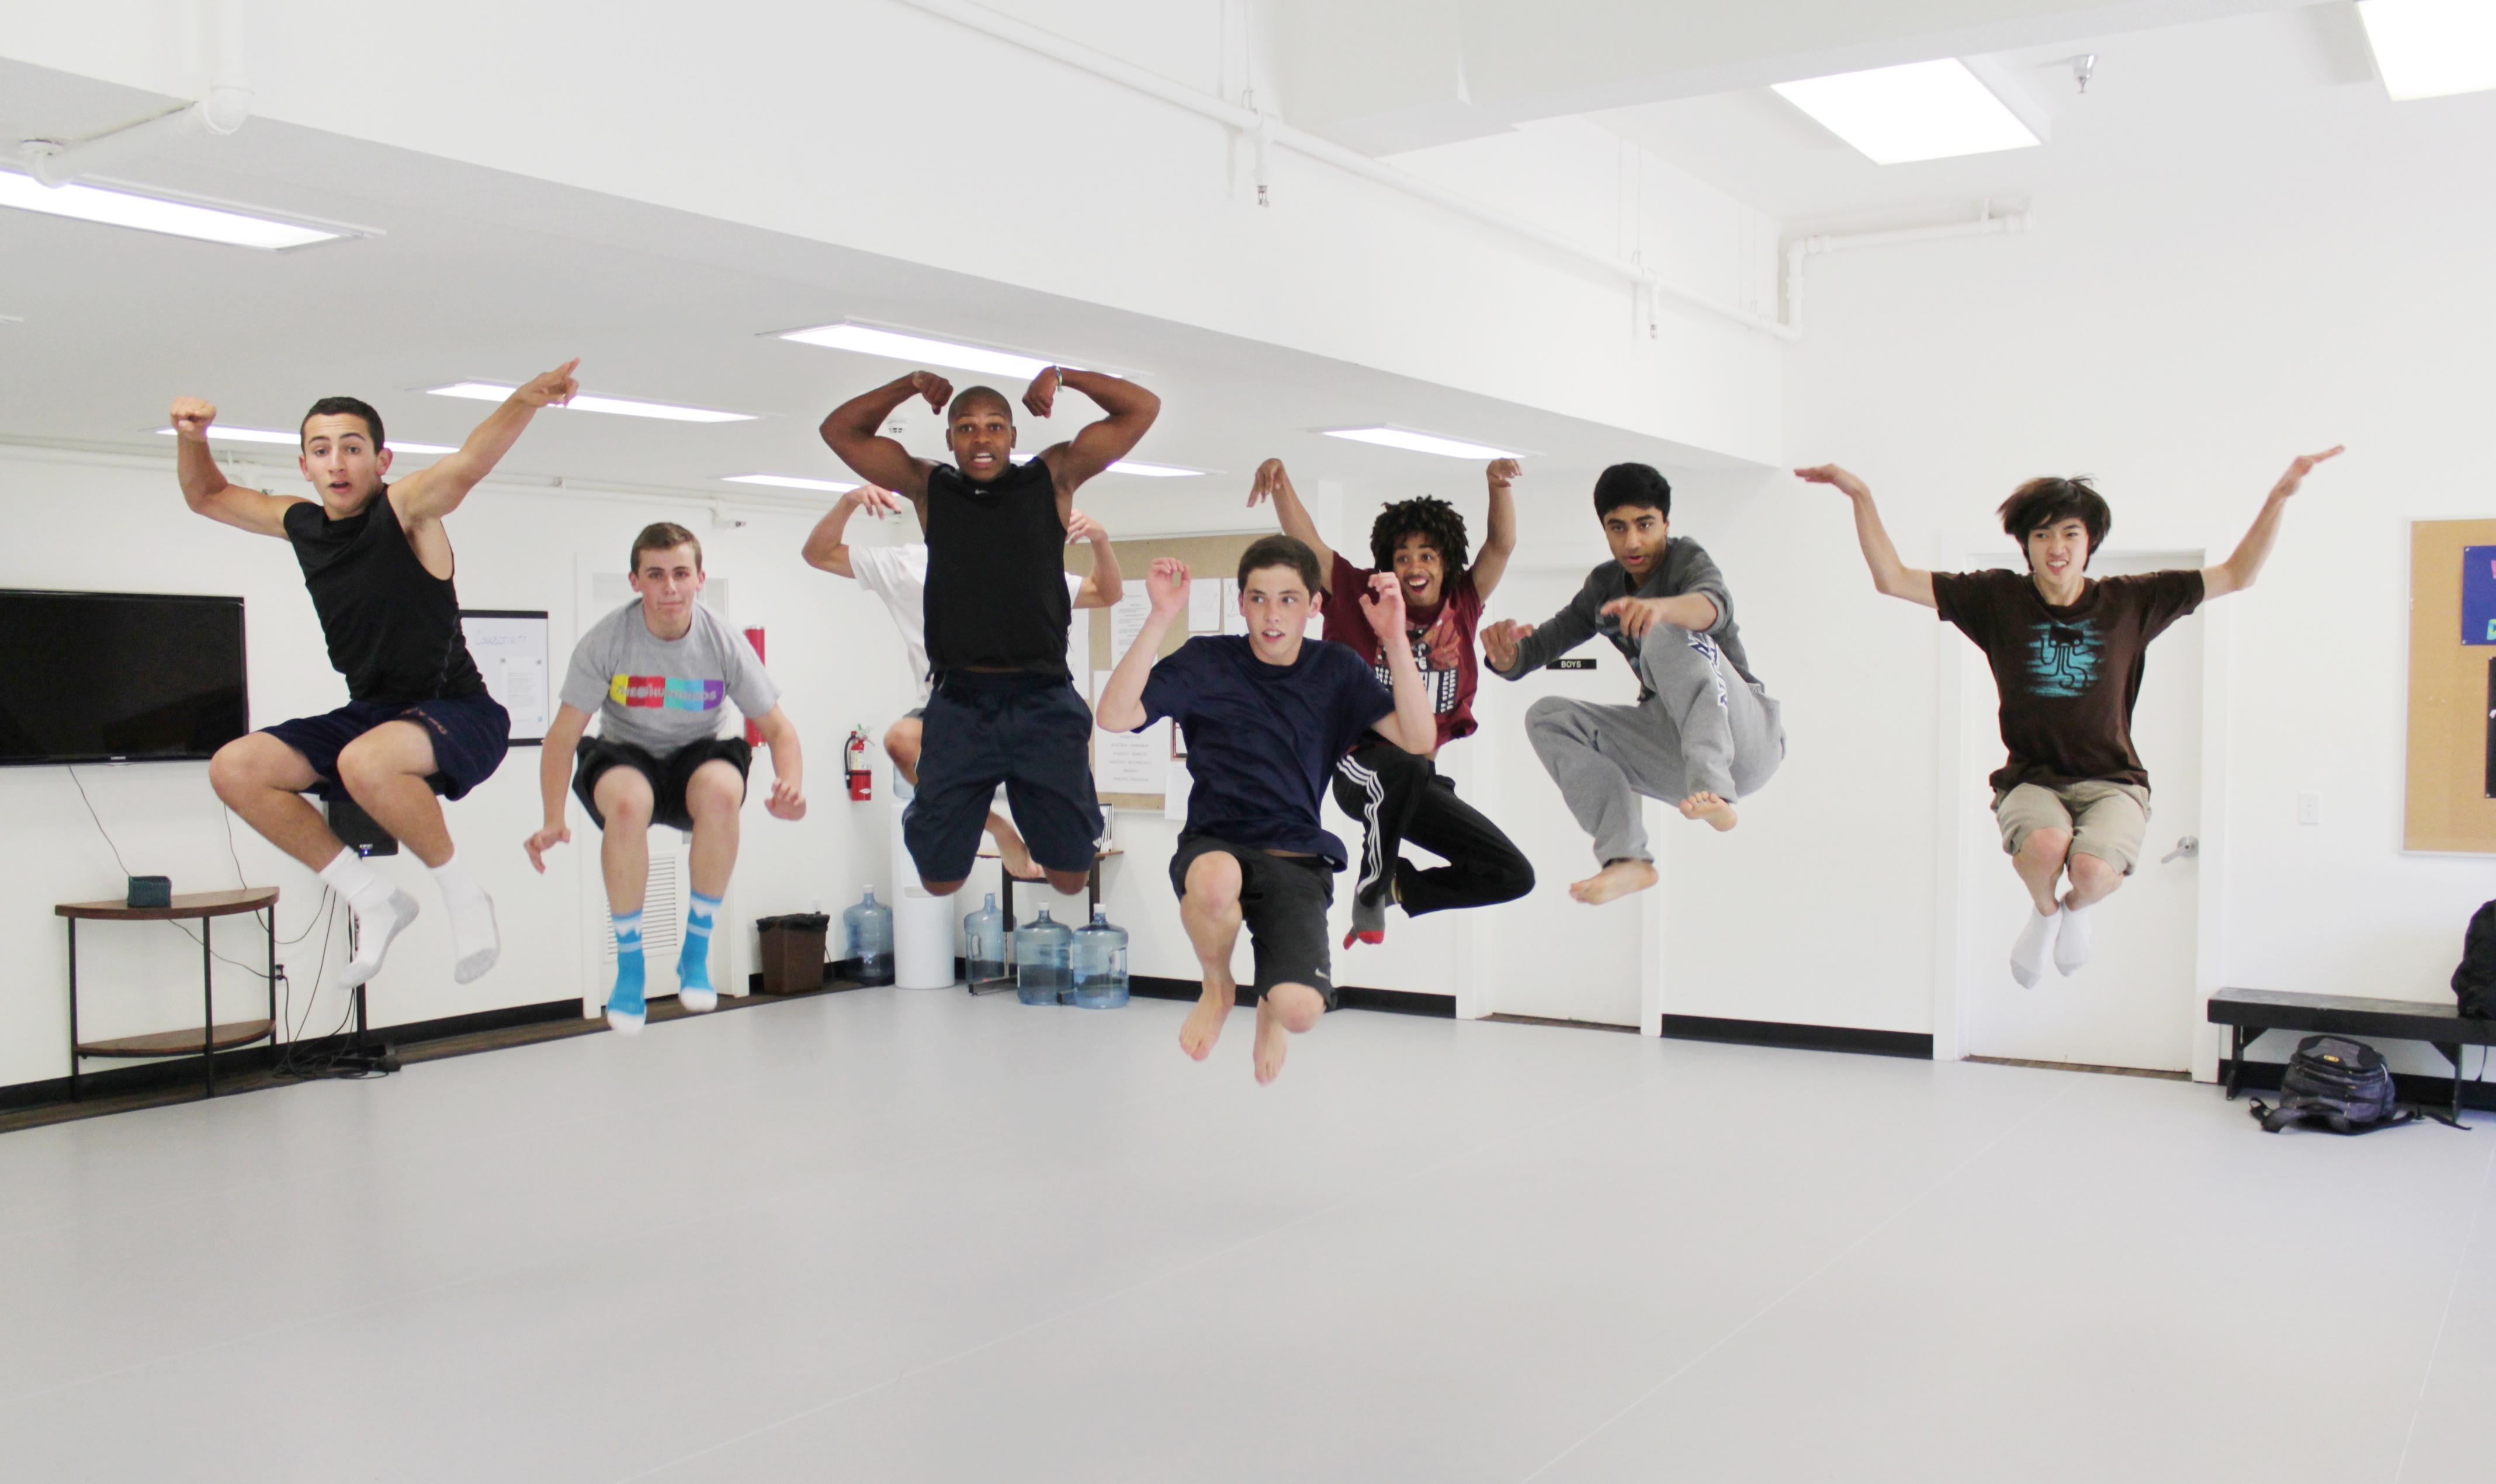 dance classes for men